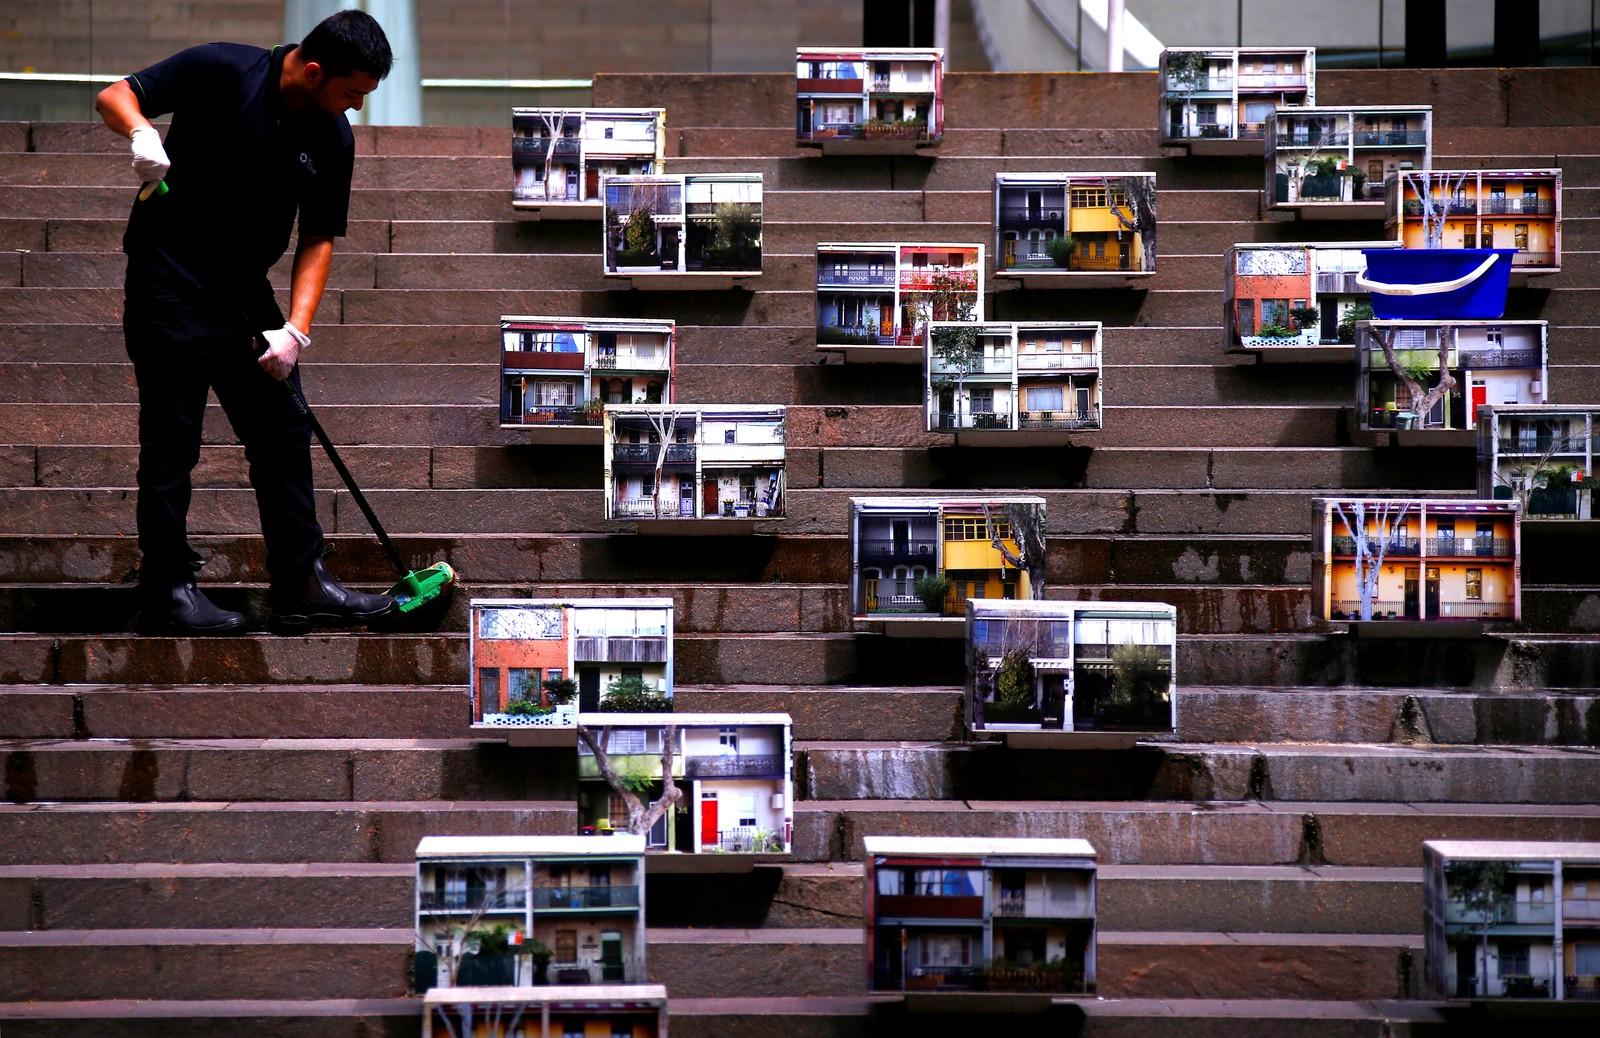 Trappen må vaskes. Bilder av rekkehus er stilt ut i Sydney i Australia.